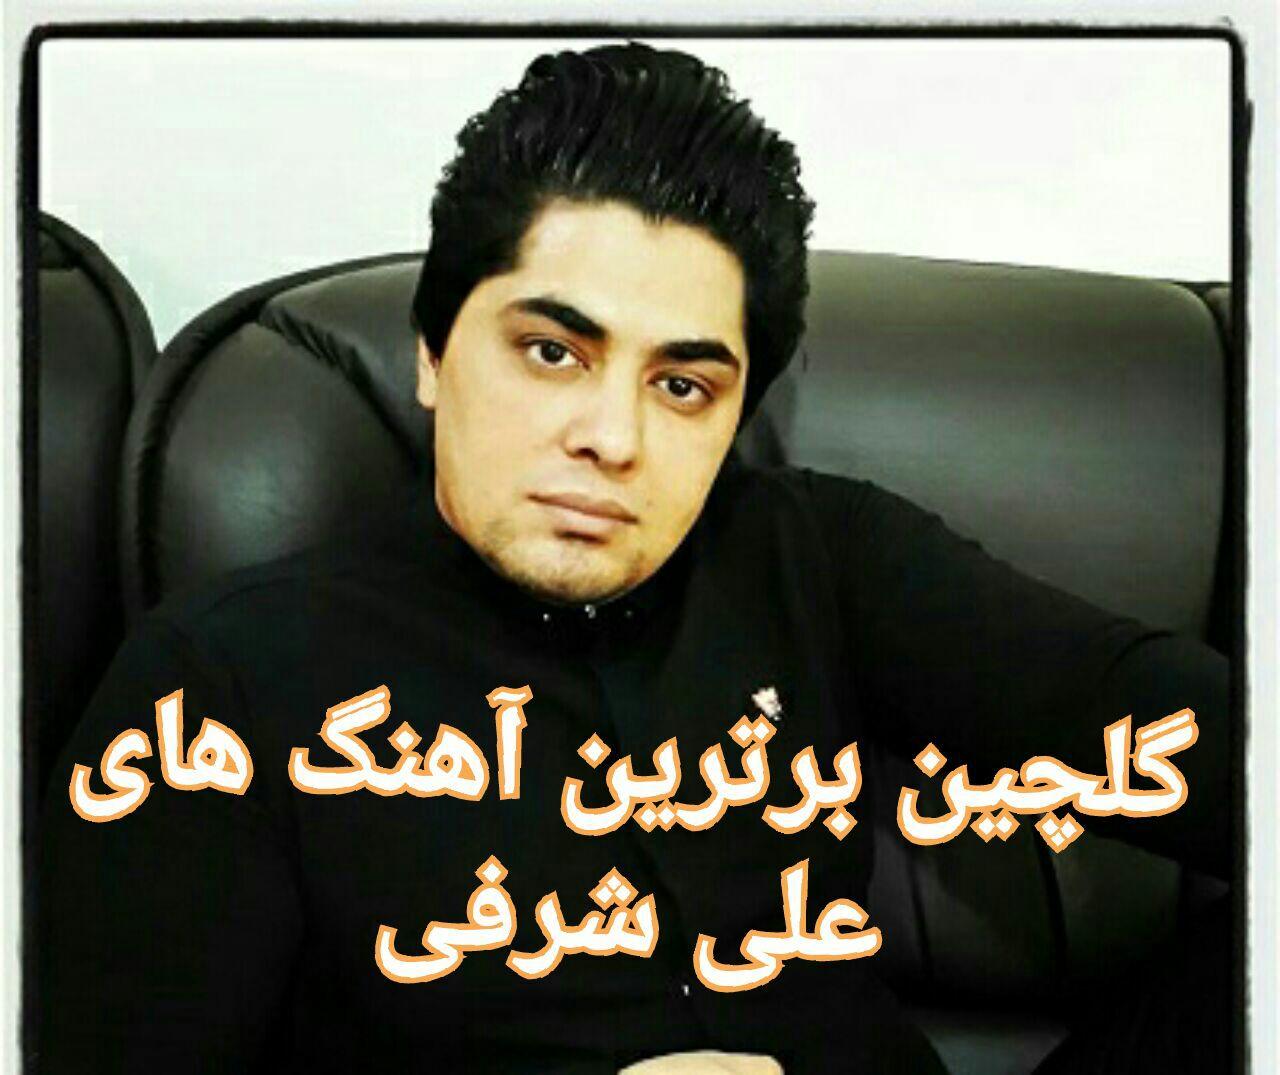 آهنگ های علی شرفی